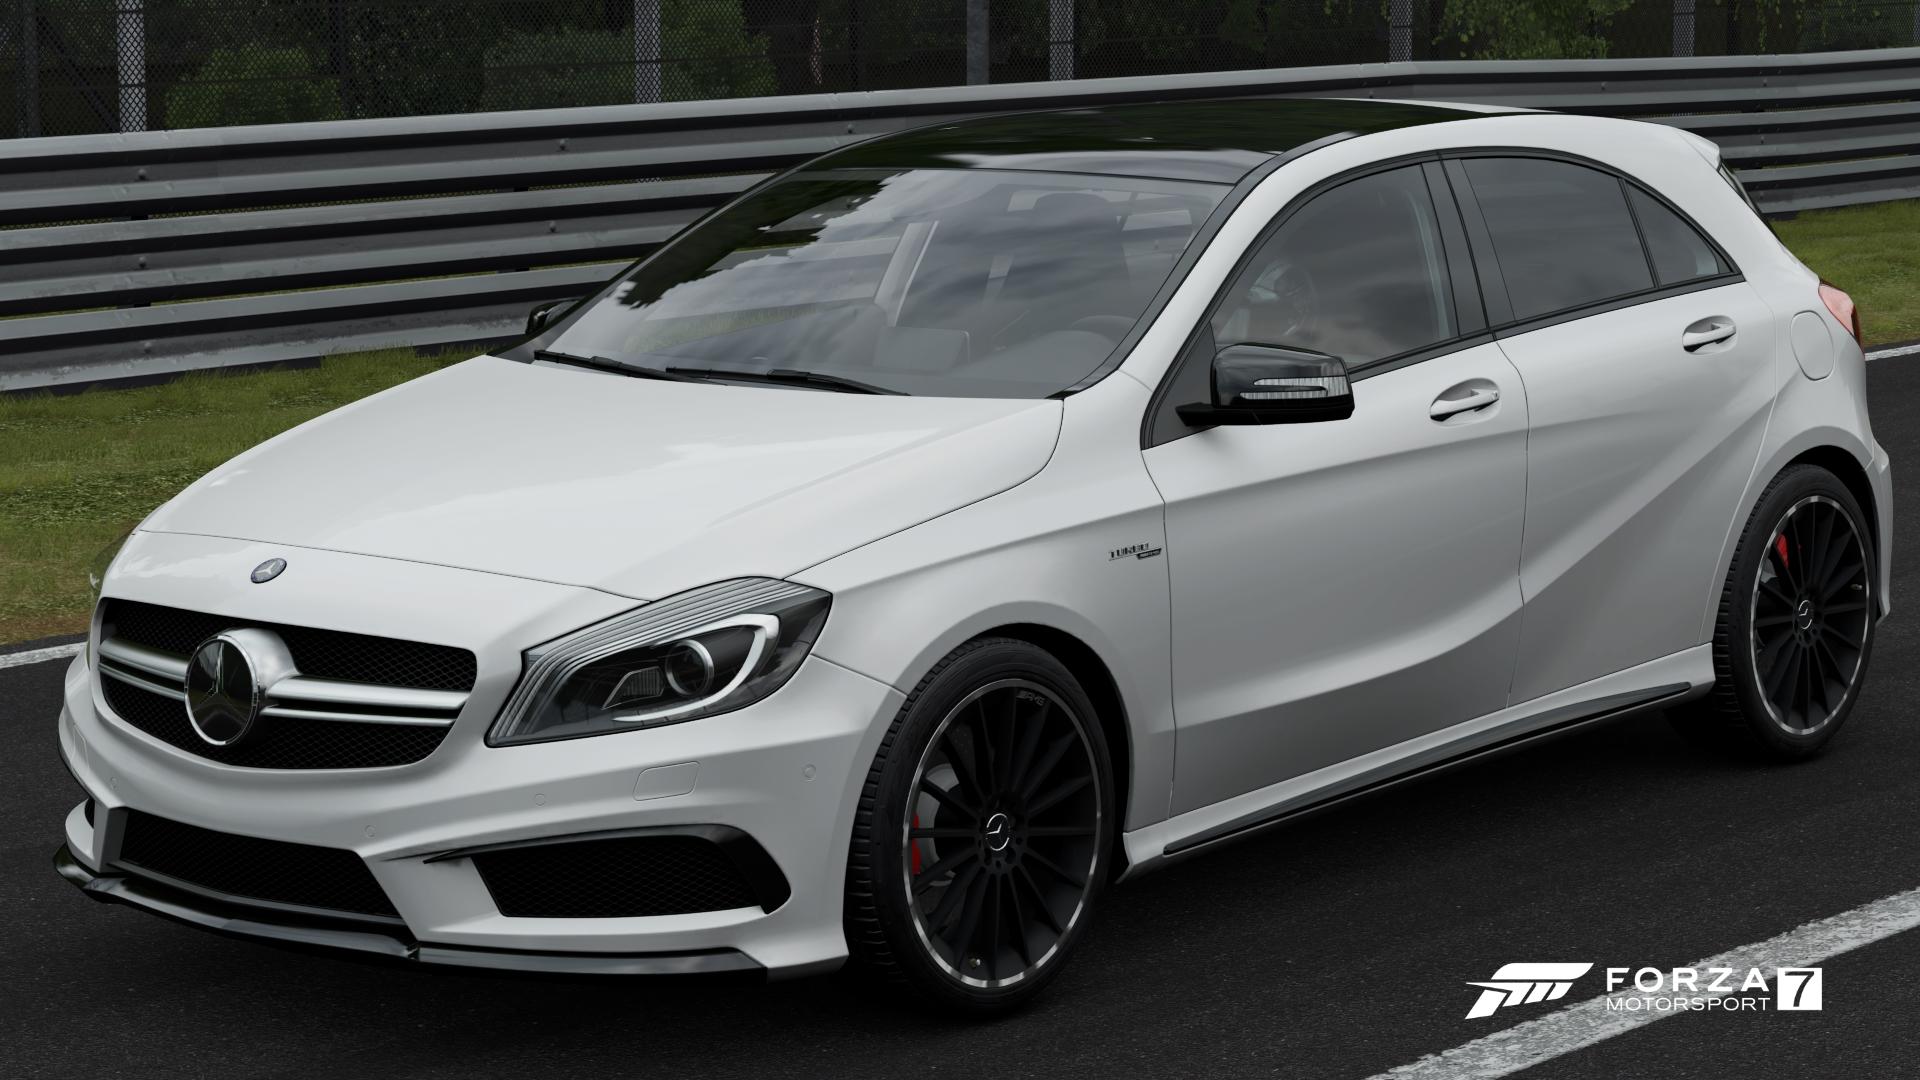 Mercedes benz a 45 amg forza motorsport wiki fandom for Mercedes benz wiki